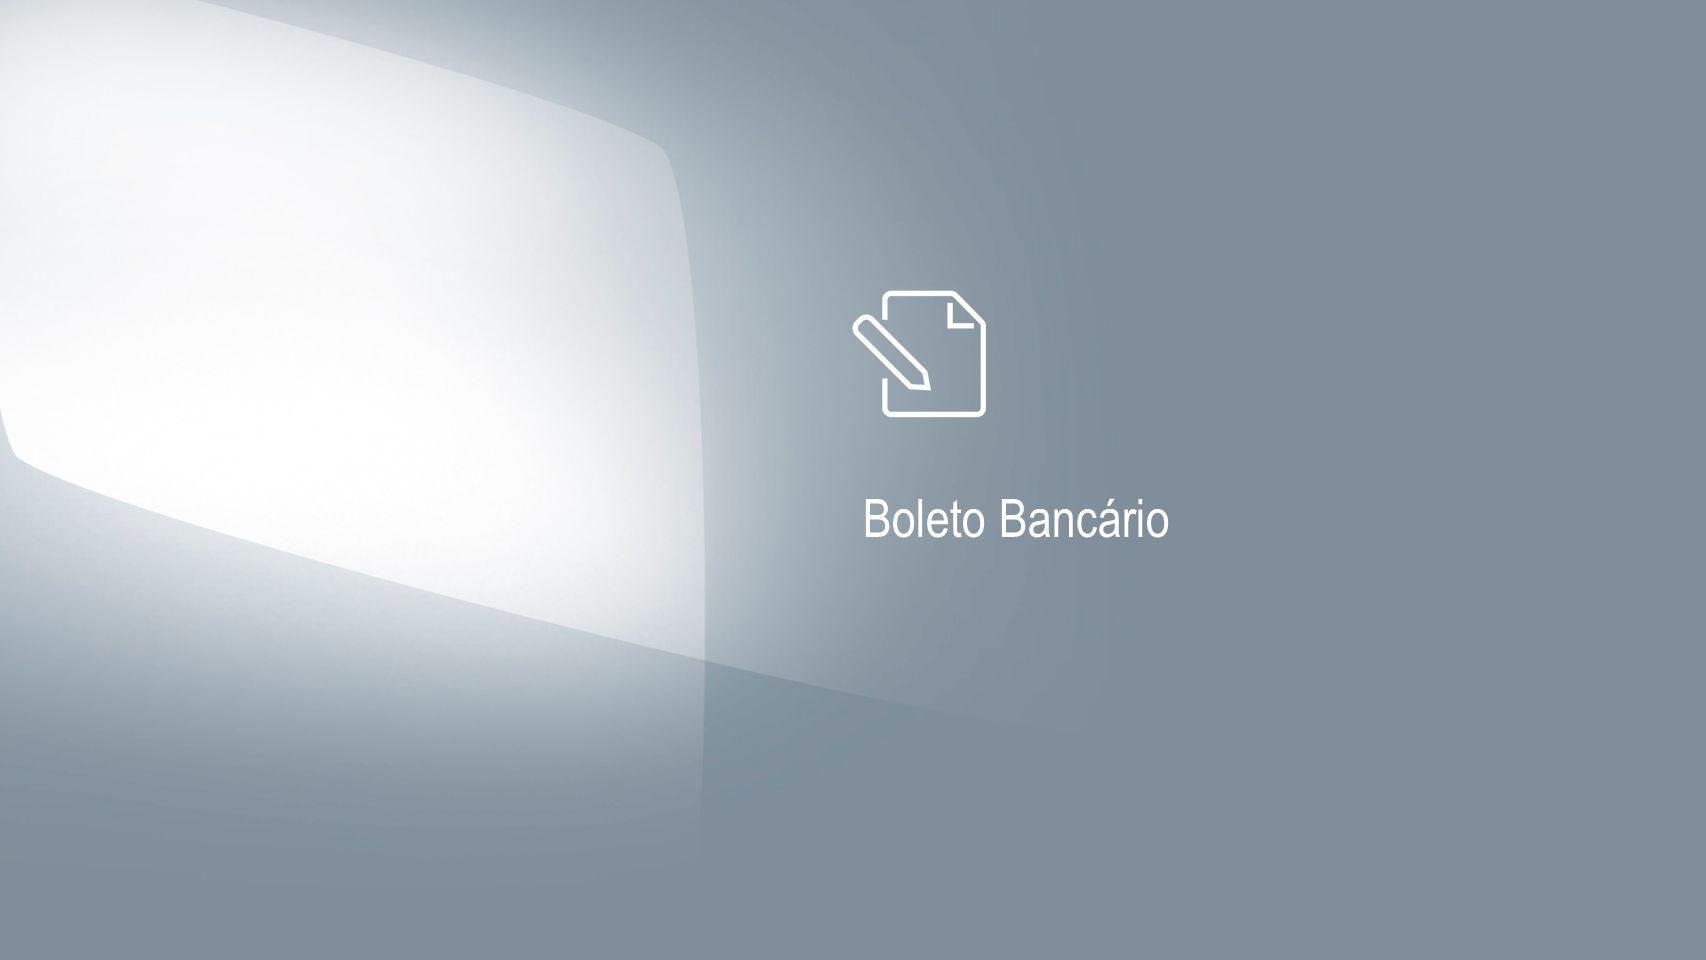 Boleto Bancário